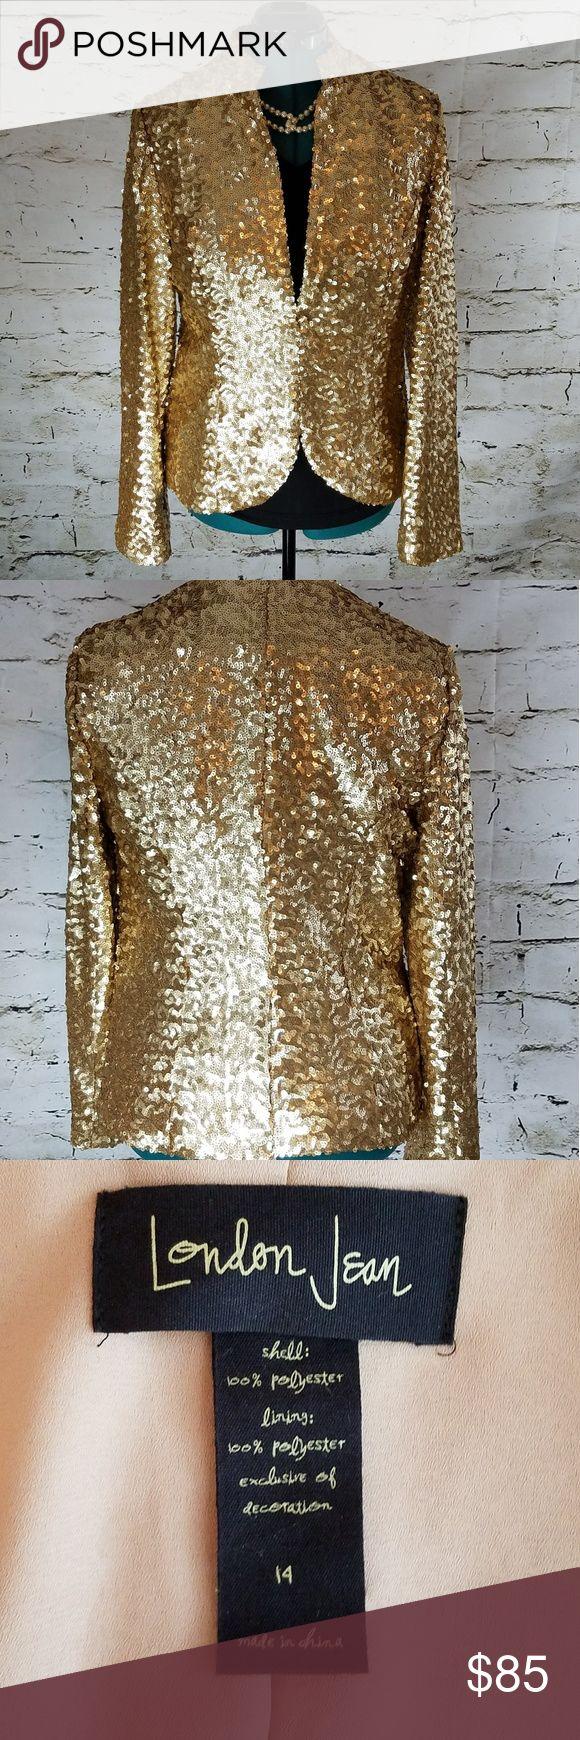 London Jeans Victorias Secret Sequin Blazer 14 London Jeans Victorias Secret gold  Sequin Blazer 14. New without tags. Never worn. Victoria's Secret Jackets & Coats Jean Jackets